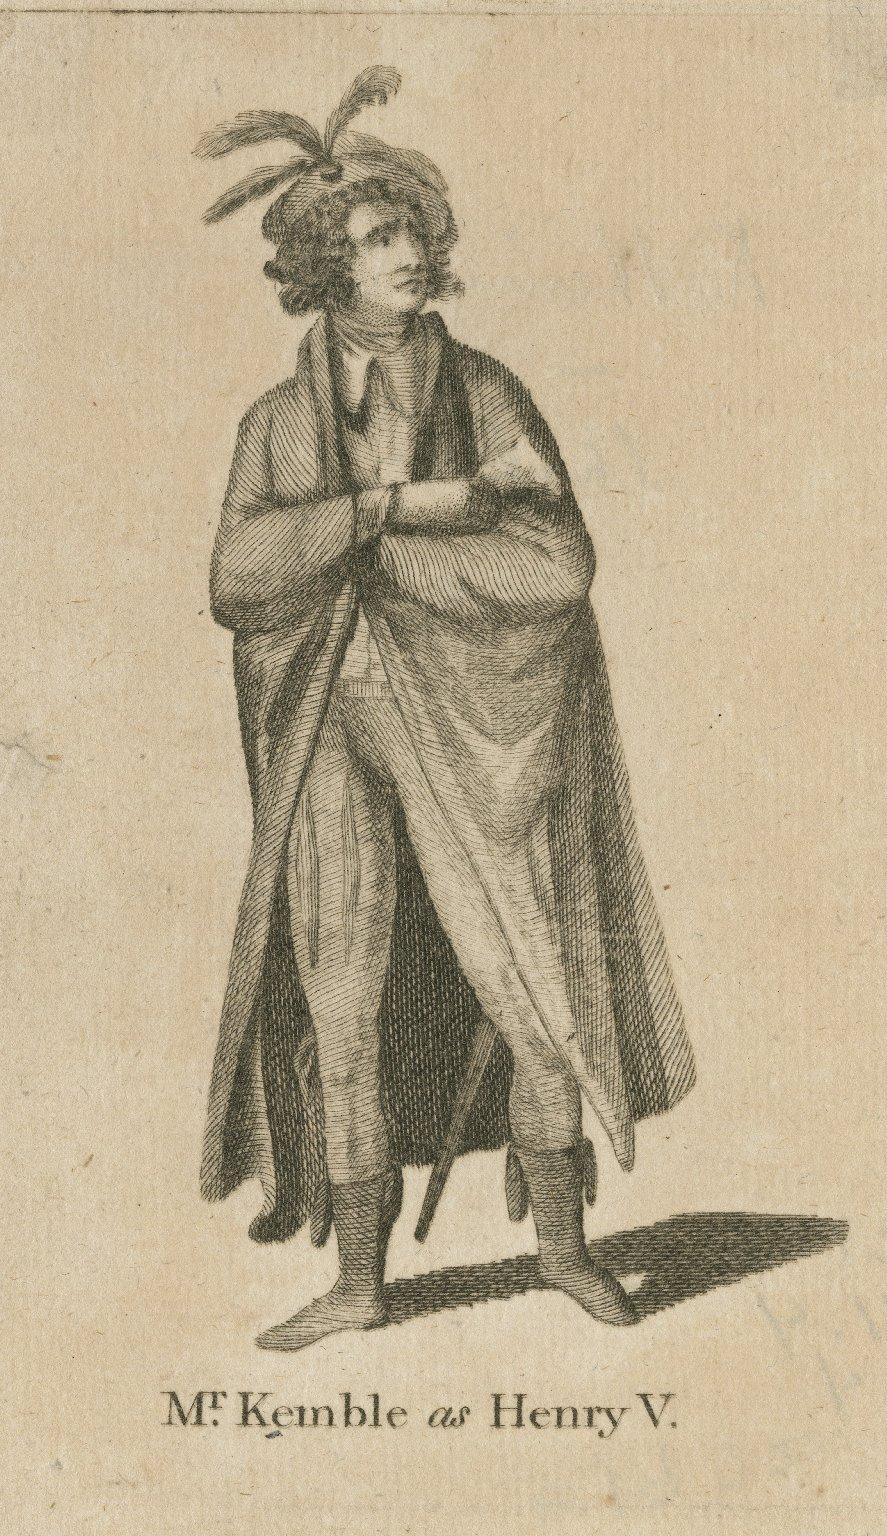 Mr. Kemble as Henry V [in Shakespeare's King Henry V] [graphic].